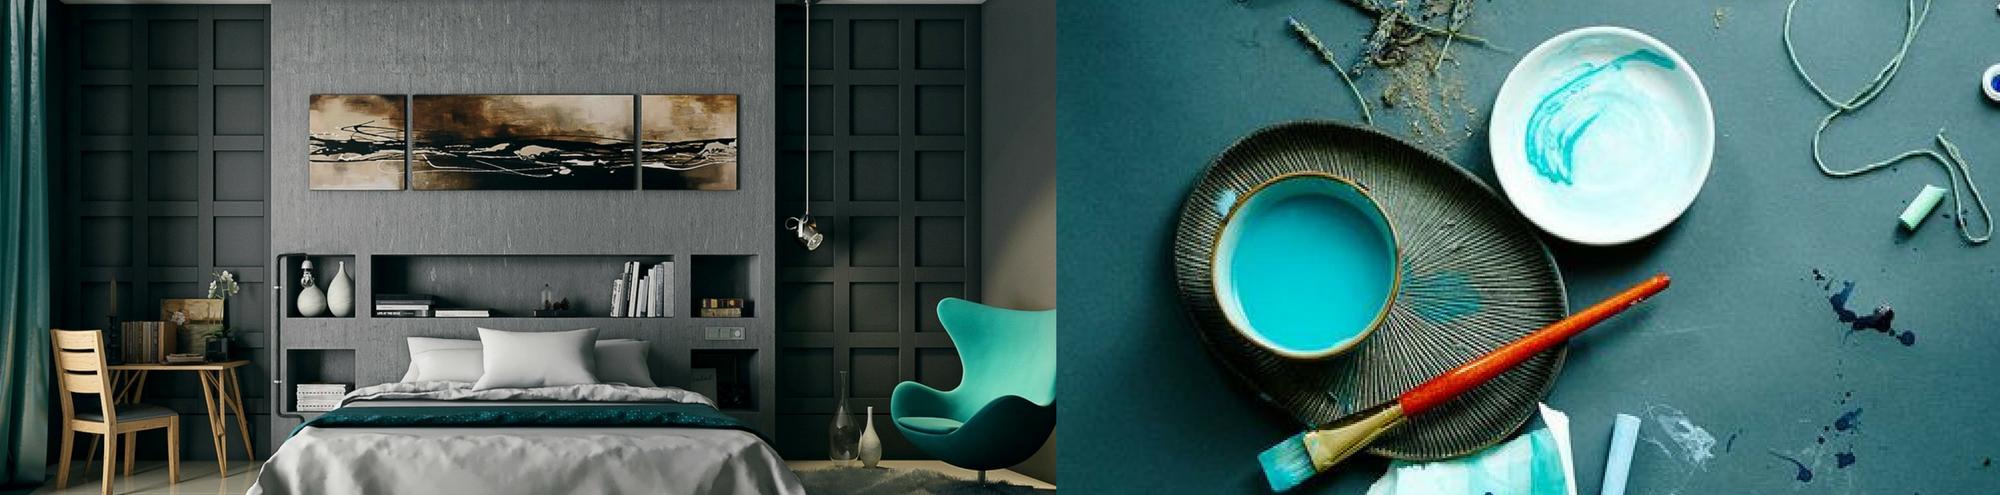 Corsi di interior design milano verona moodesignacademy - Corsi interior design torino ...